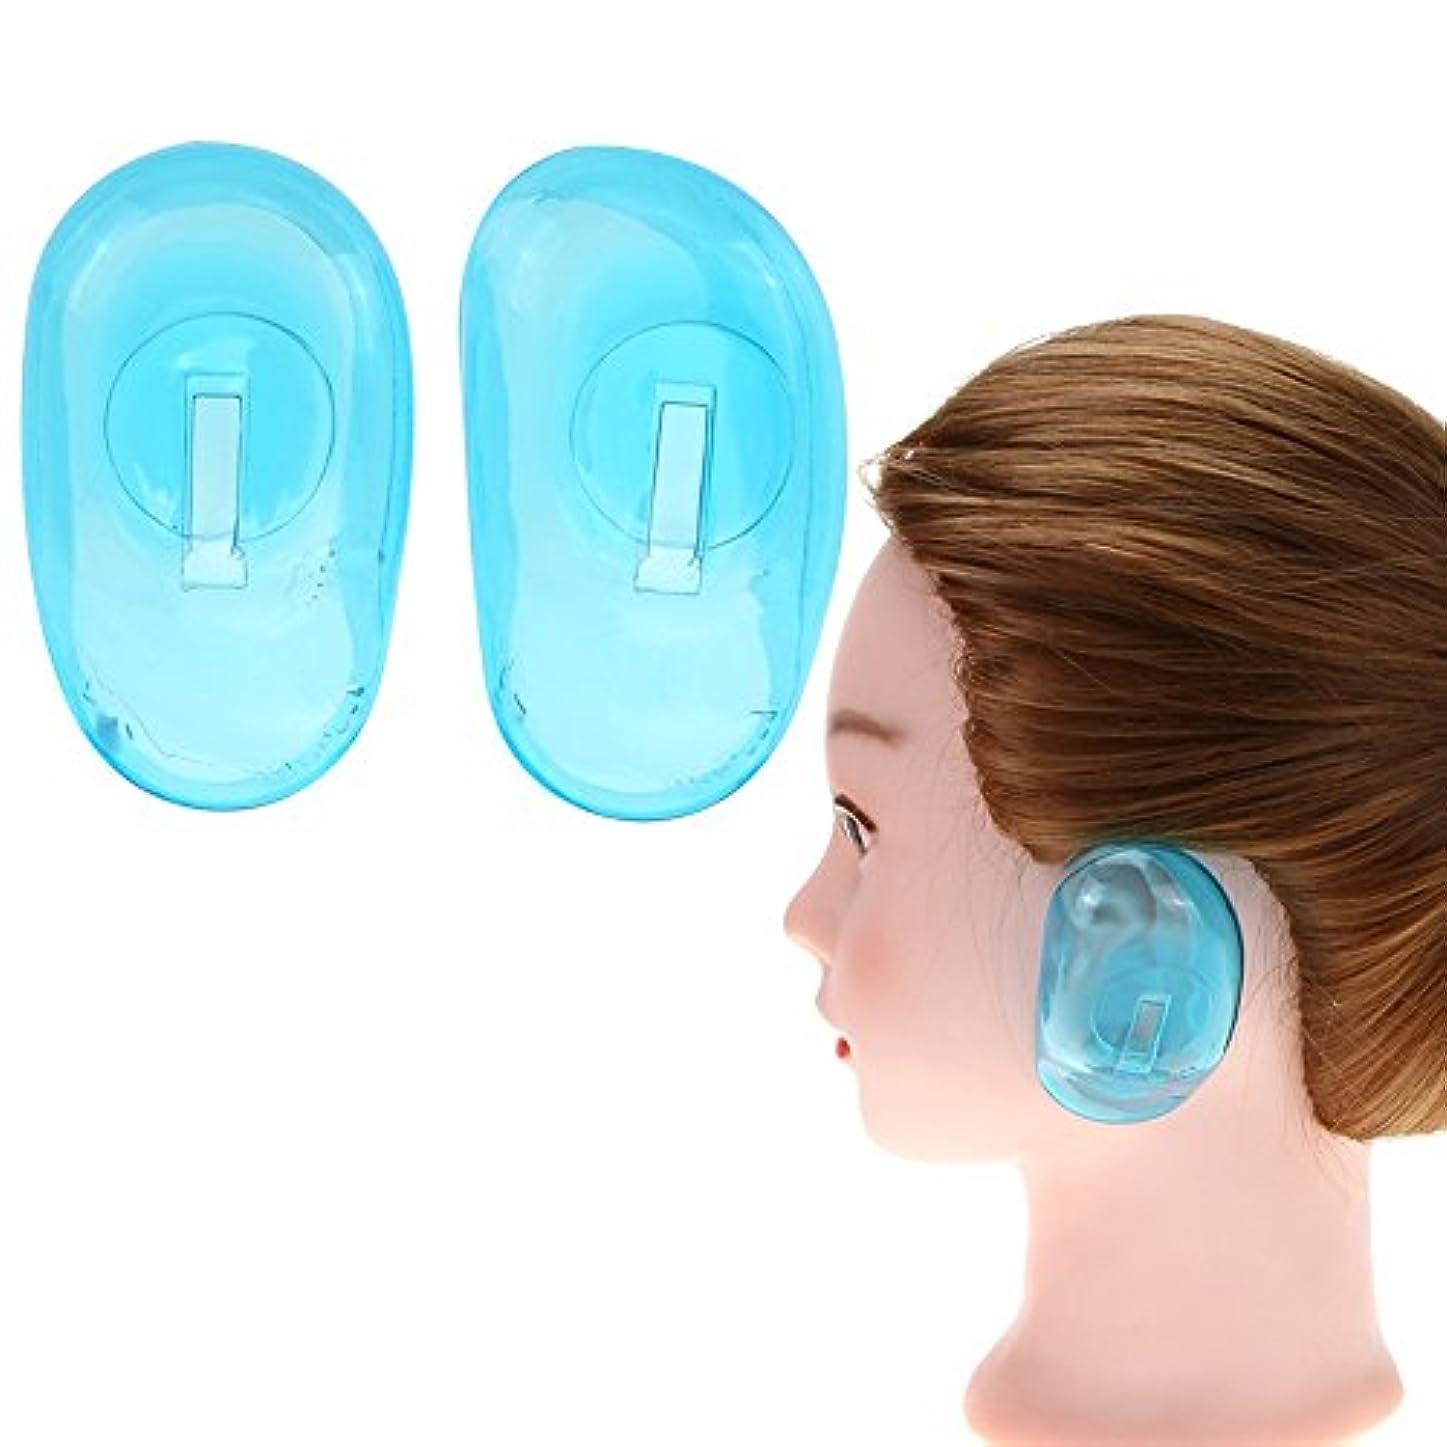 創傷自体治世Ruier-tong 5ペア耳カバー 毛染め用 シリコン製 耳キャップ 柔らかいイヤーキャップ ヘアカラー シャワー 耳保護 ヘアケアツール サロン 洗える 繰り返す使用可能 エコ 8.5x5cm